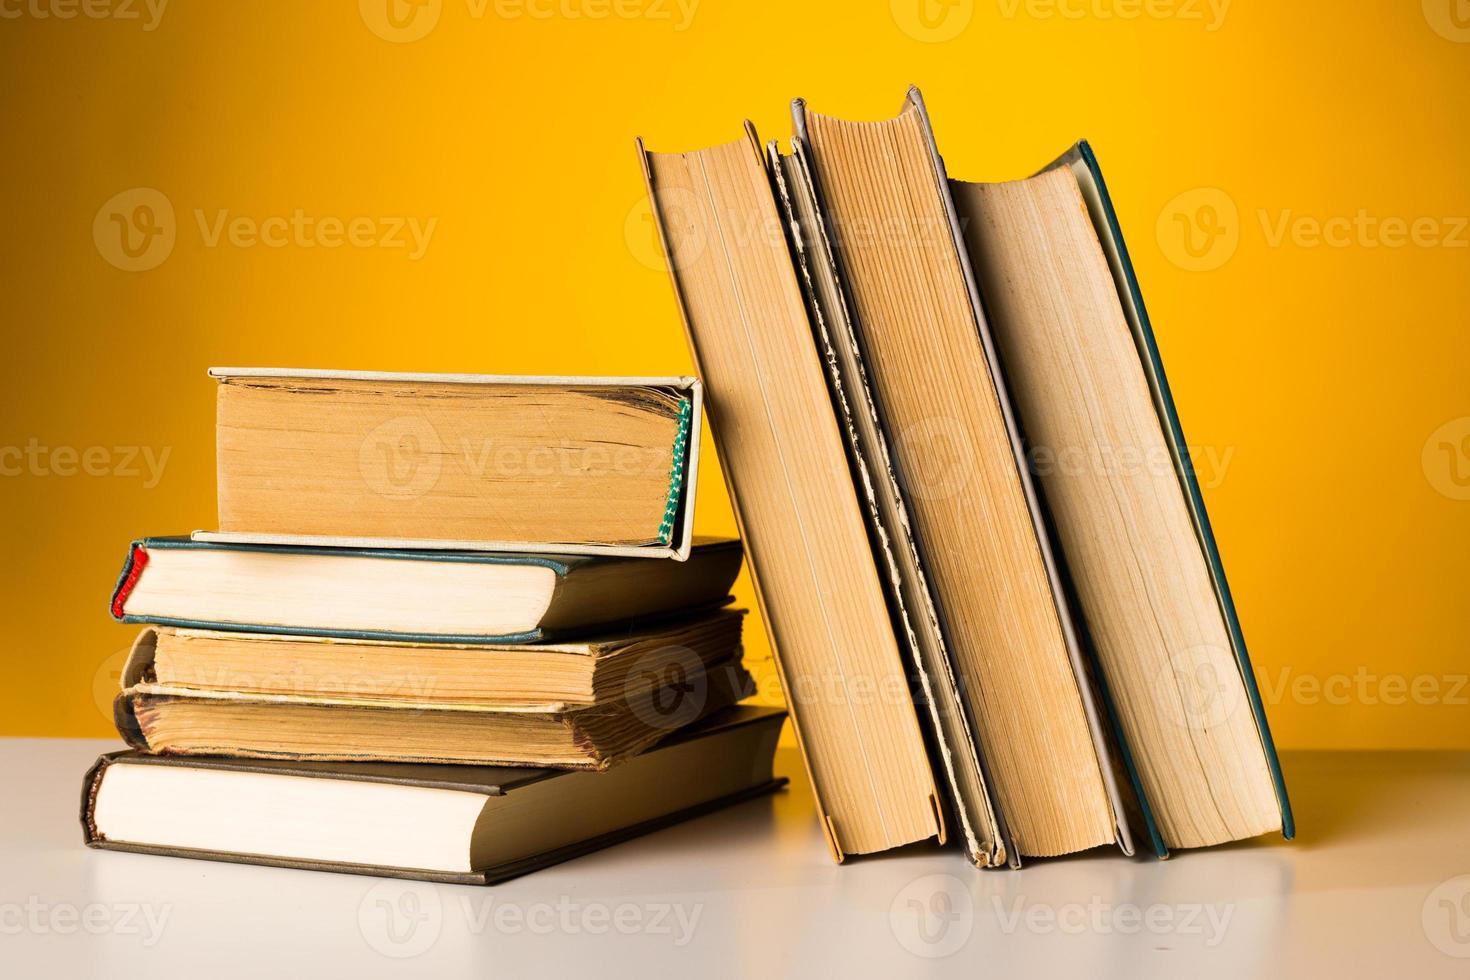 Libros sobre la mesa. foto